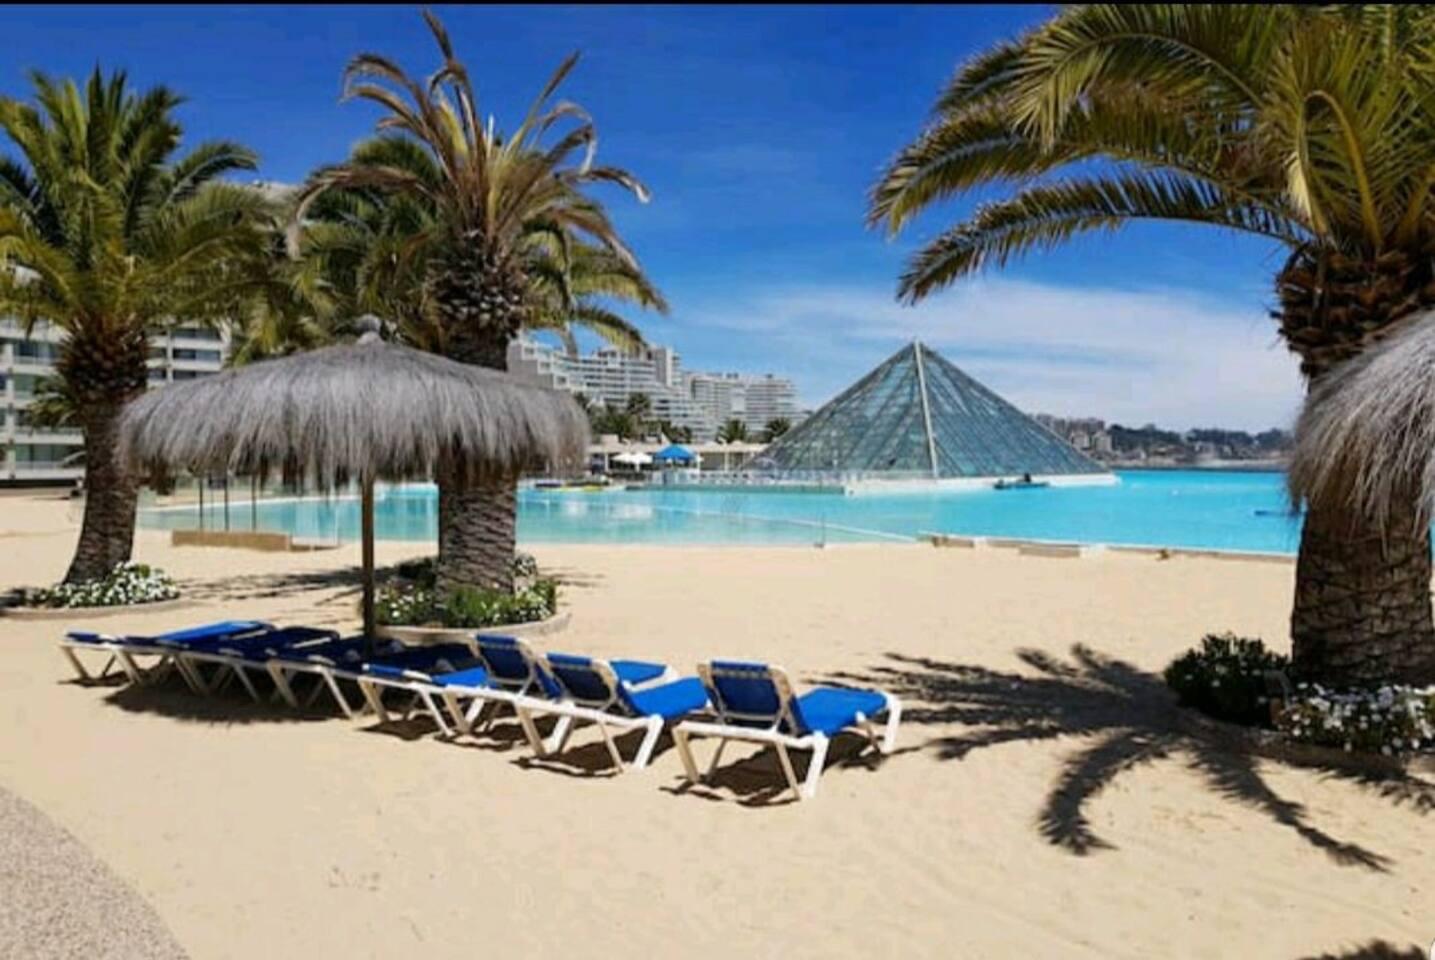 El lugar tiene reposeras de uso gratuito y la pirámide que se ve se llama club playa, el cual tiene piscina temperada, jacuzzi, sauna, esta abierto hasta las 22:45 hrs. Tiene un costo de 20mil CLP por entrada.